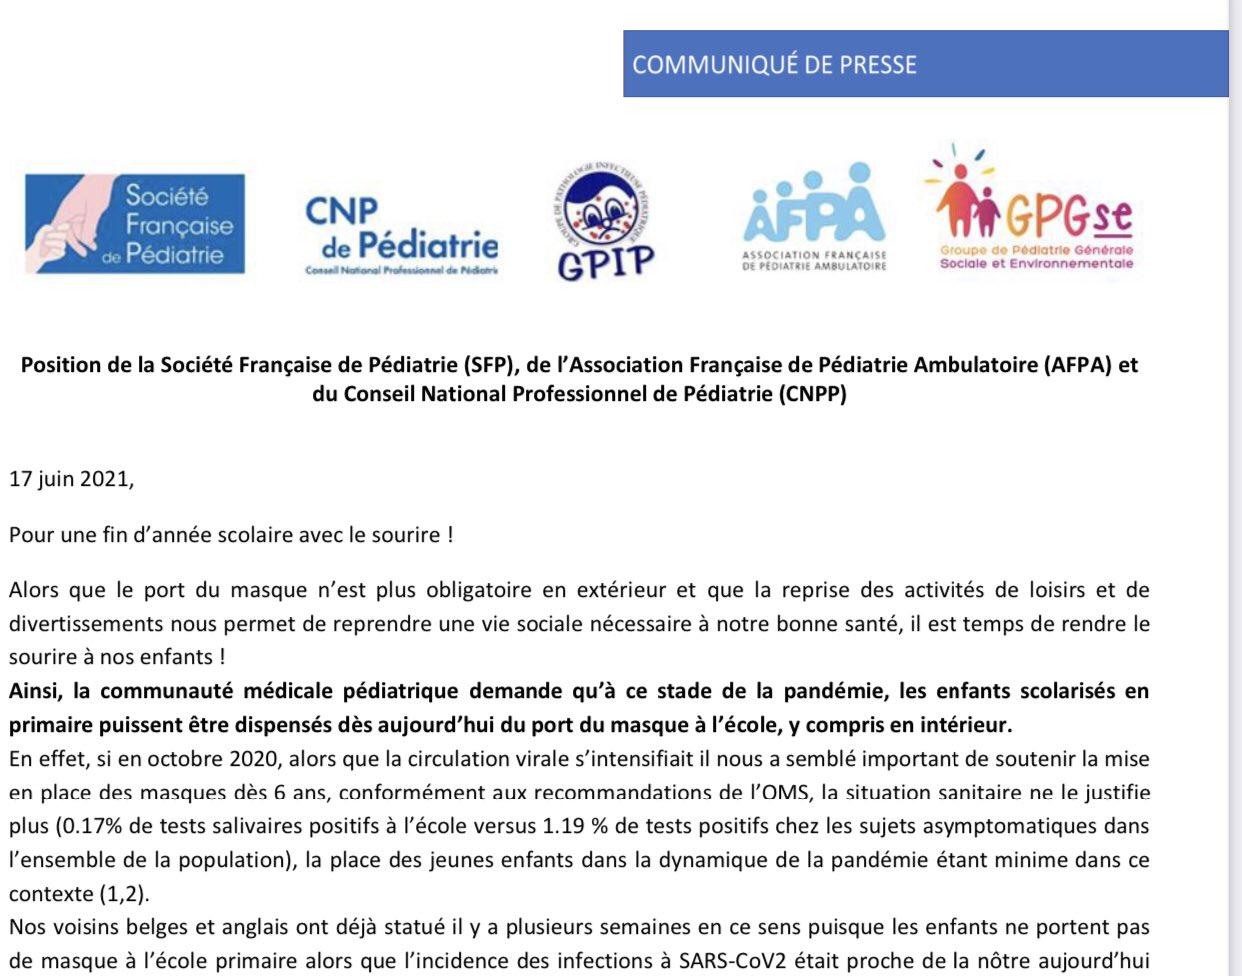 Gestion de la crise du Coronavirus dans l'Éducation Nationale - Page 40 E4KPe8_XoAQ8oxS?format=jpg&name=large